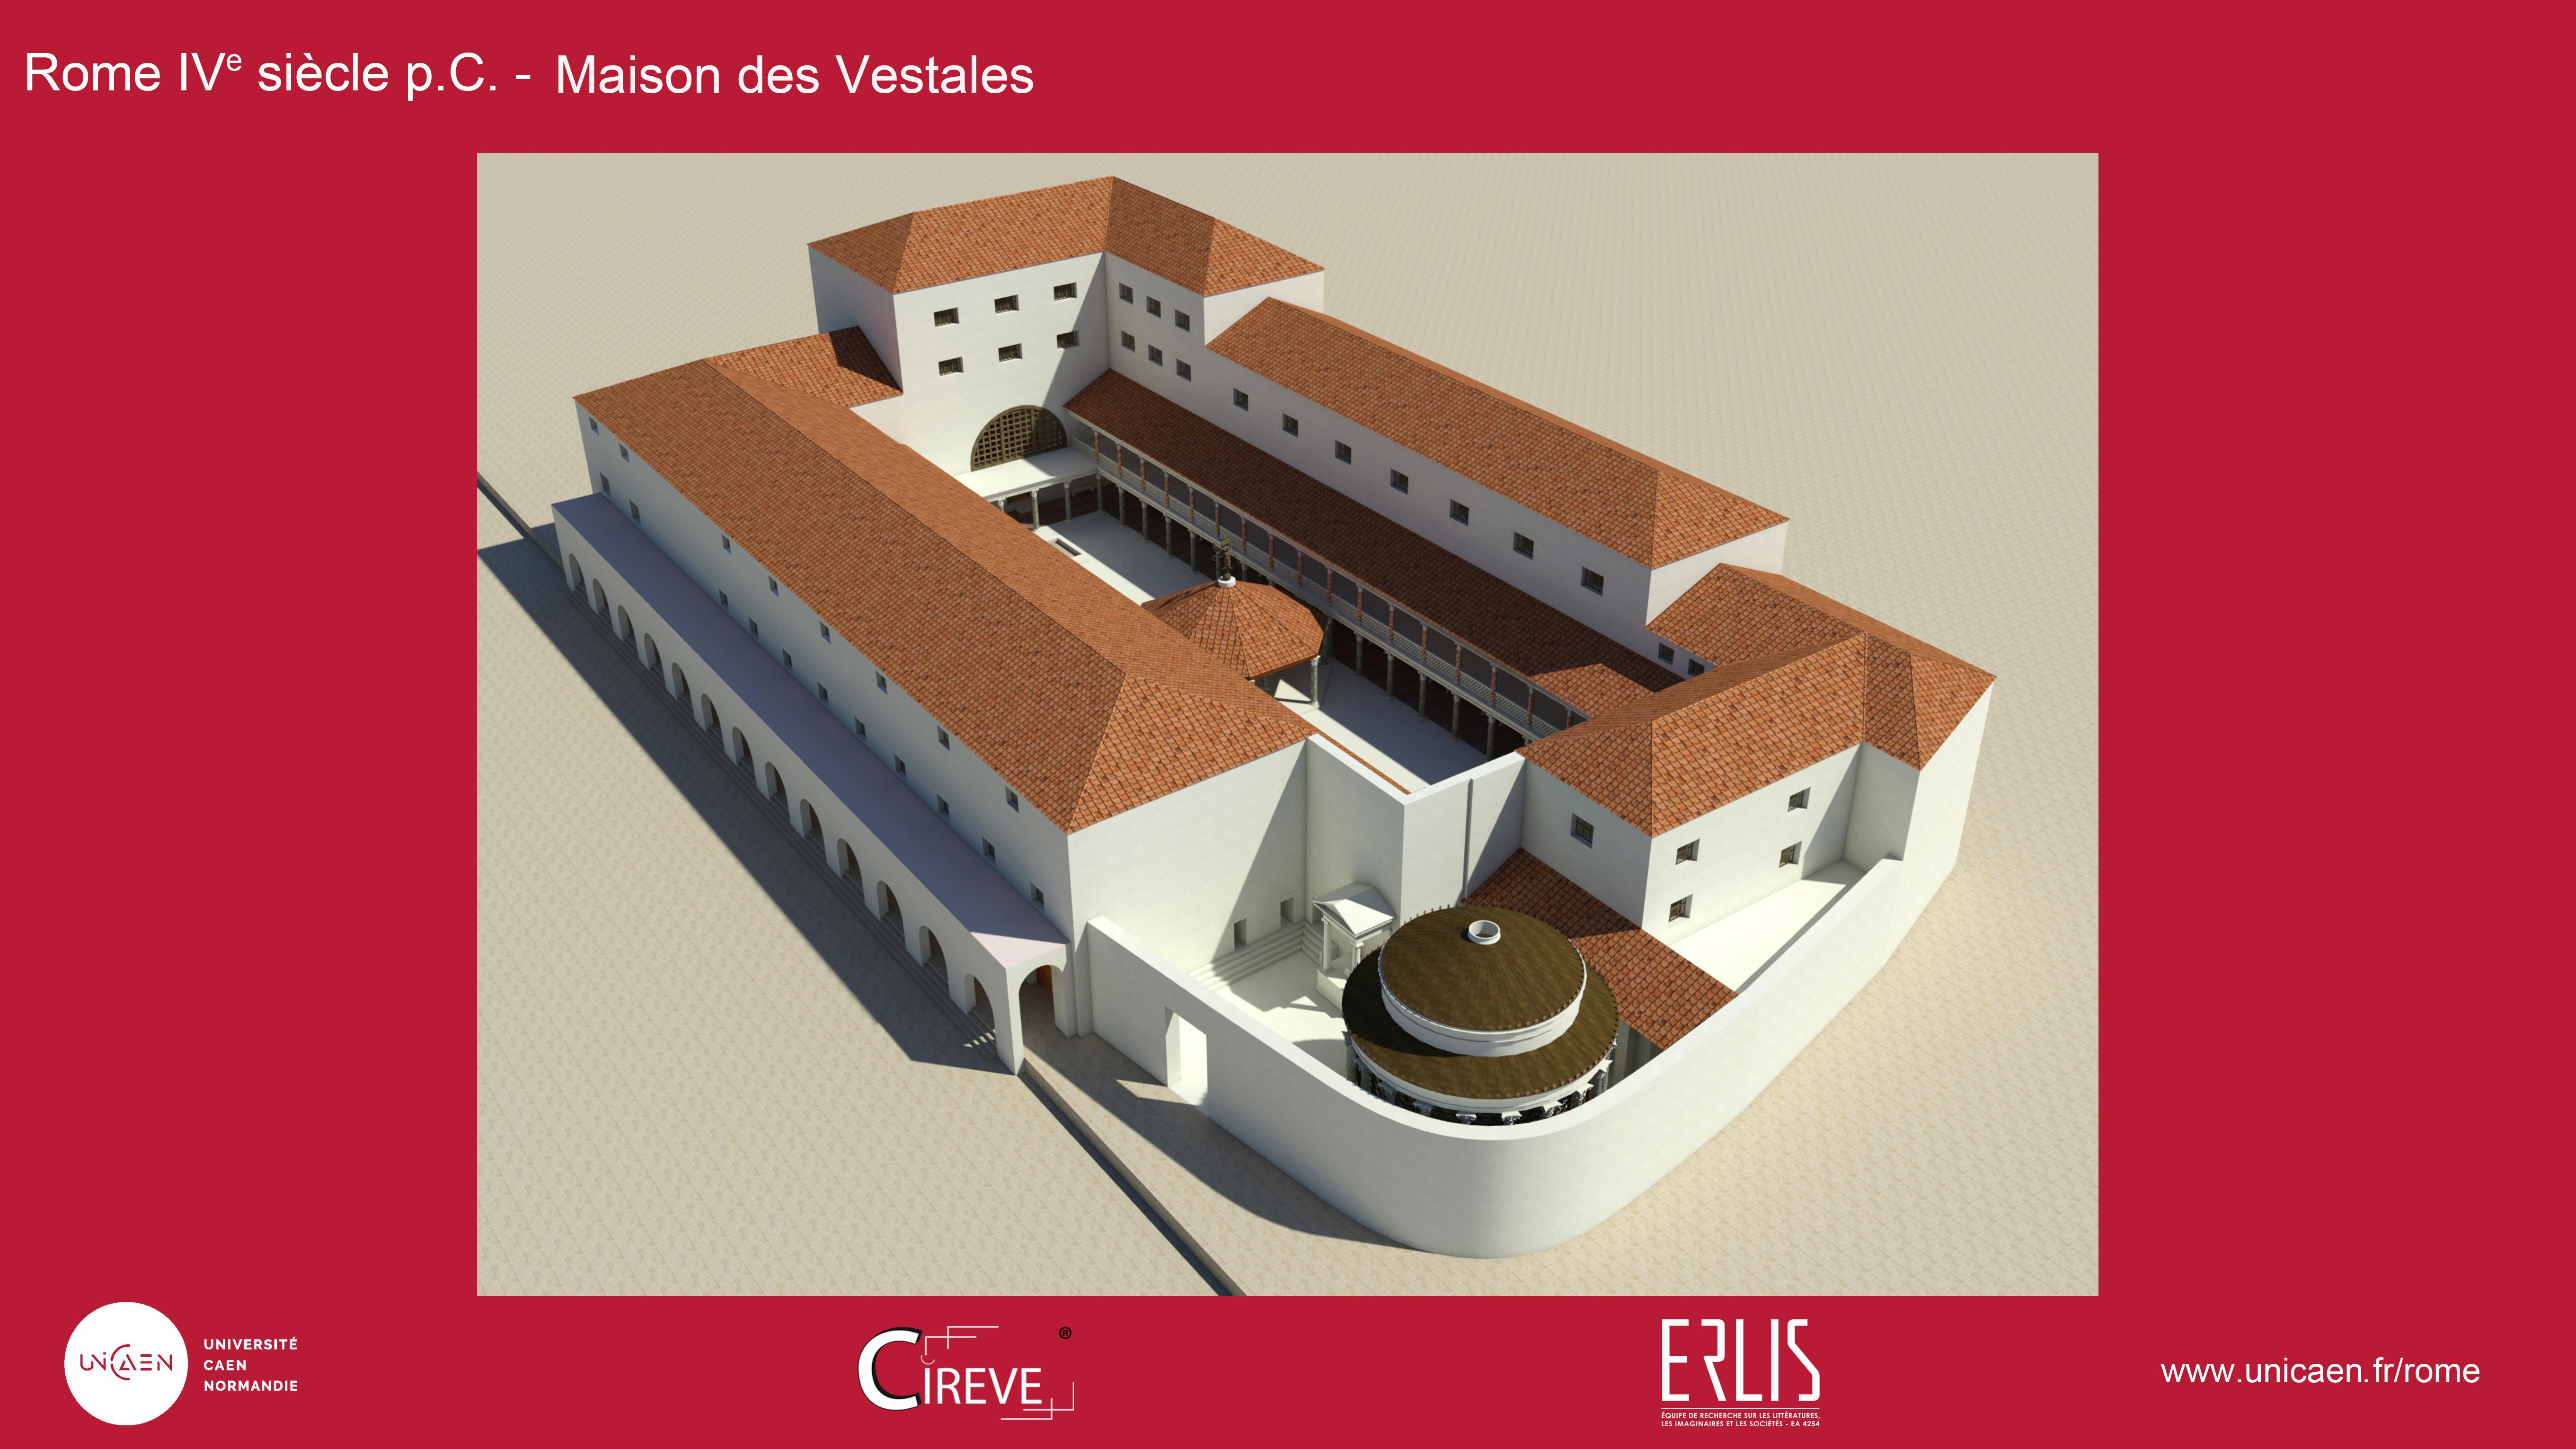 Maison des Vestales